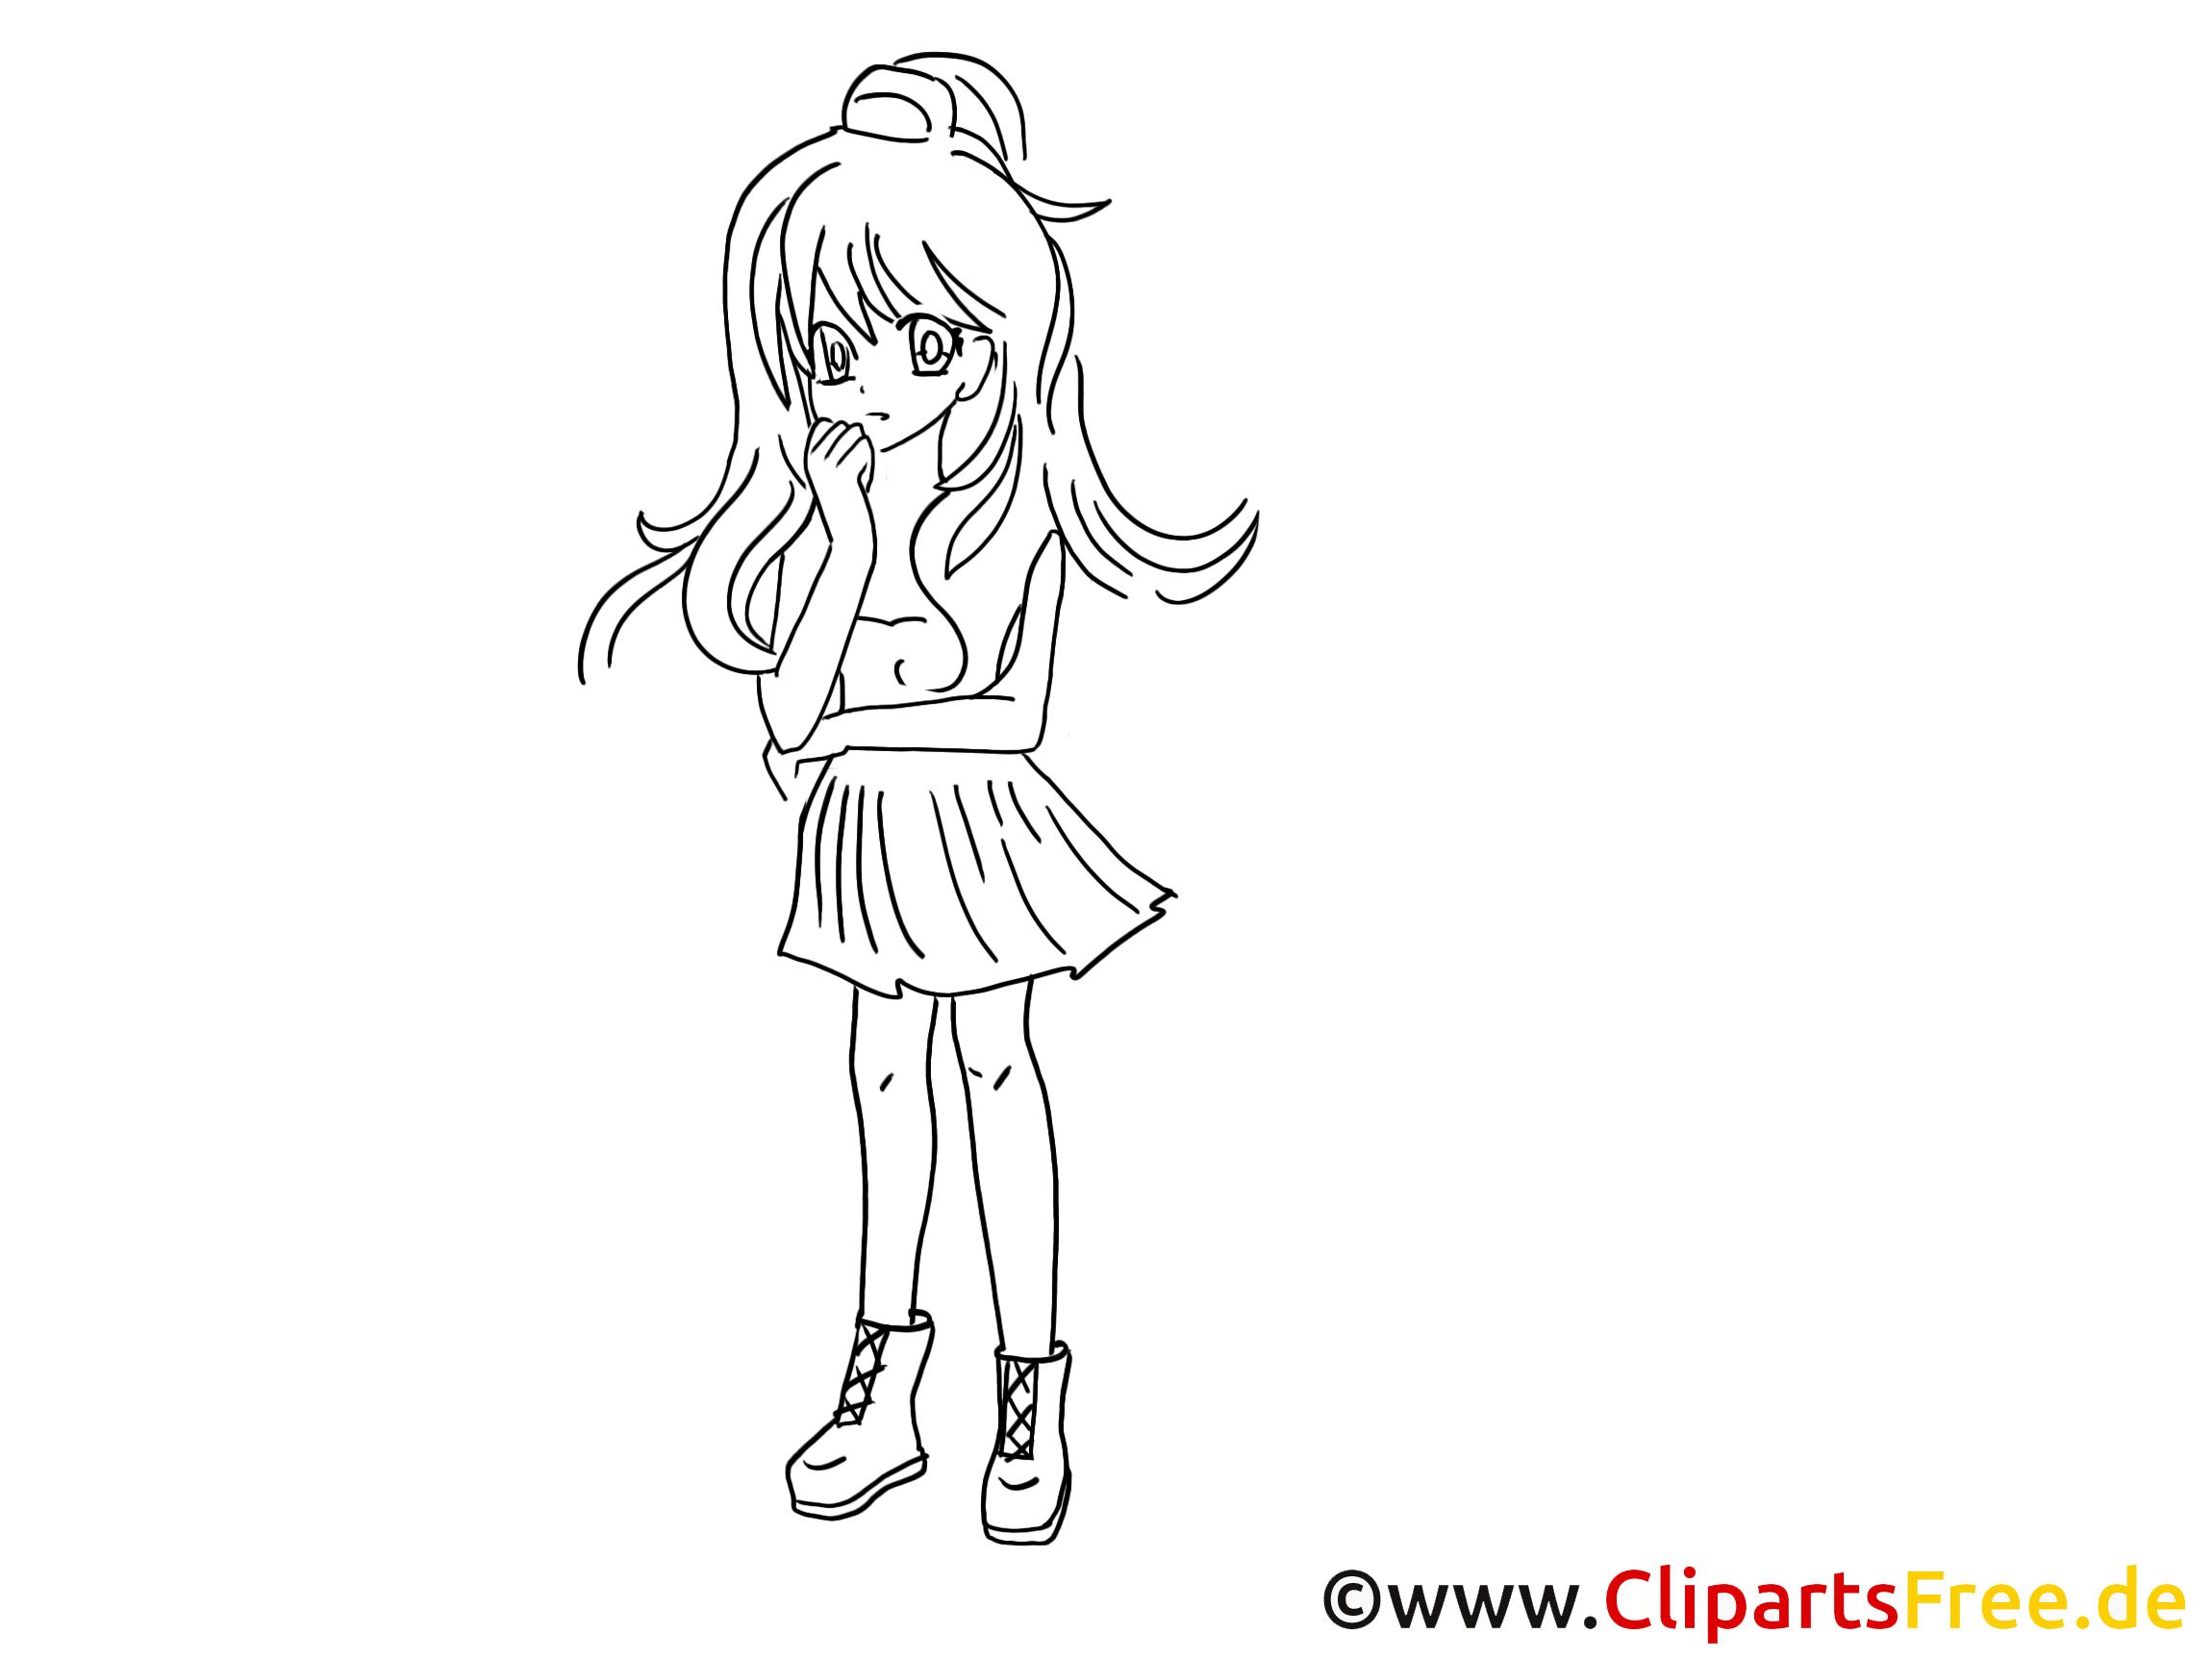 anime ausmalbilder | ausmal Bilder | Pinterest | Ausmalbilder, Anime ...